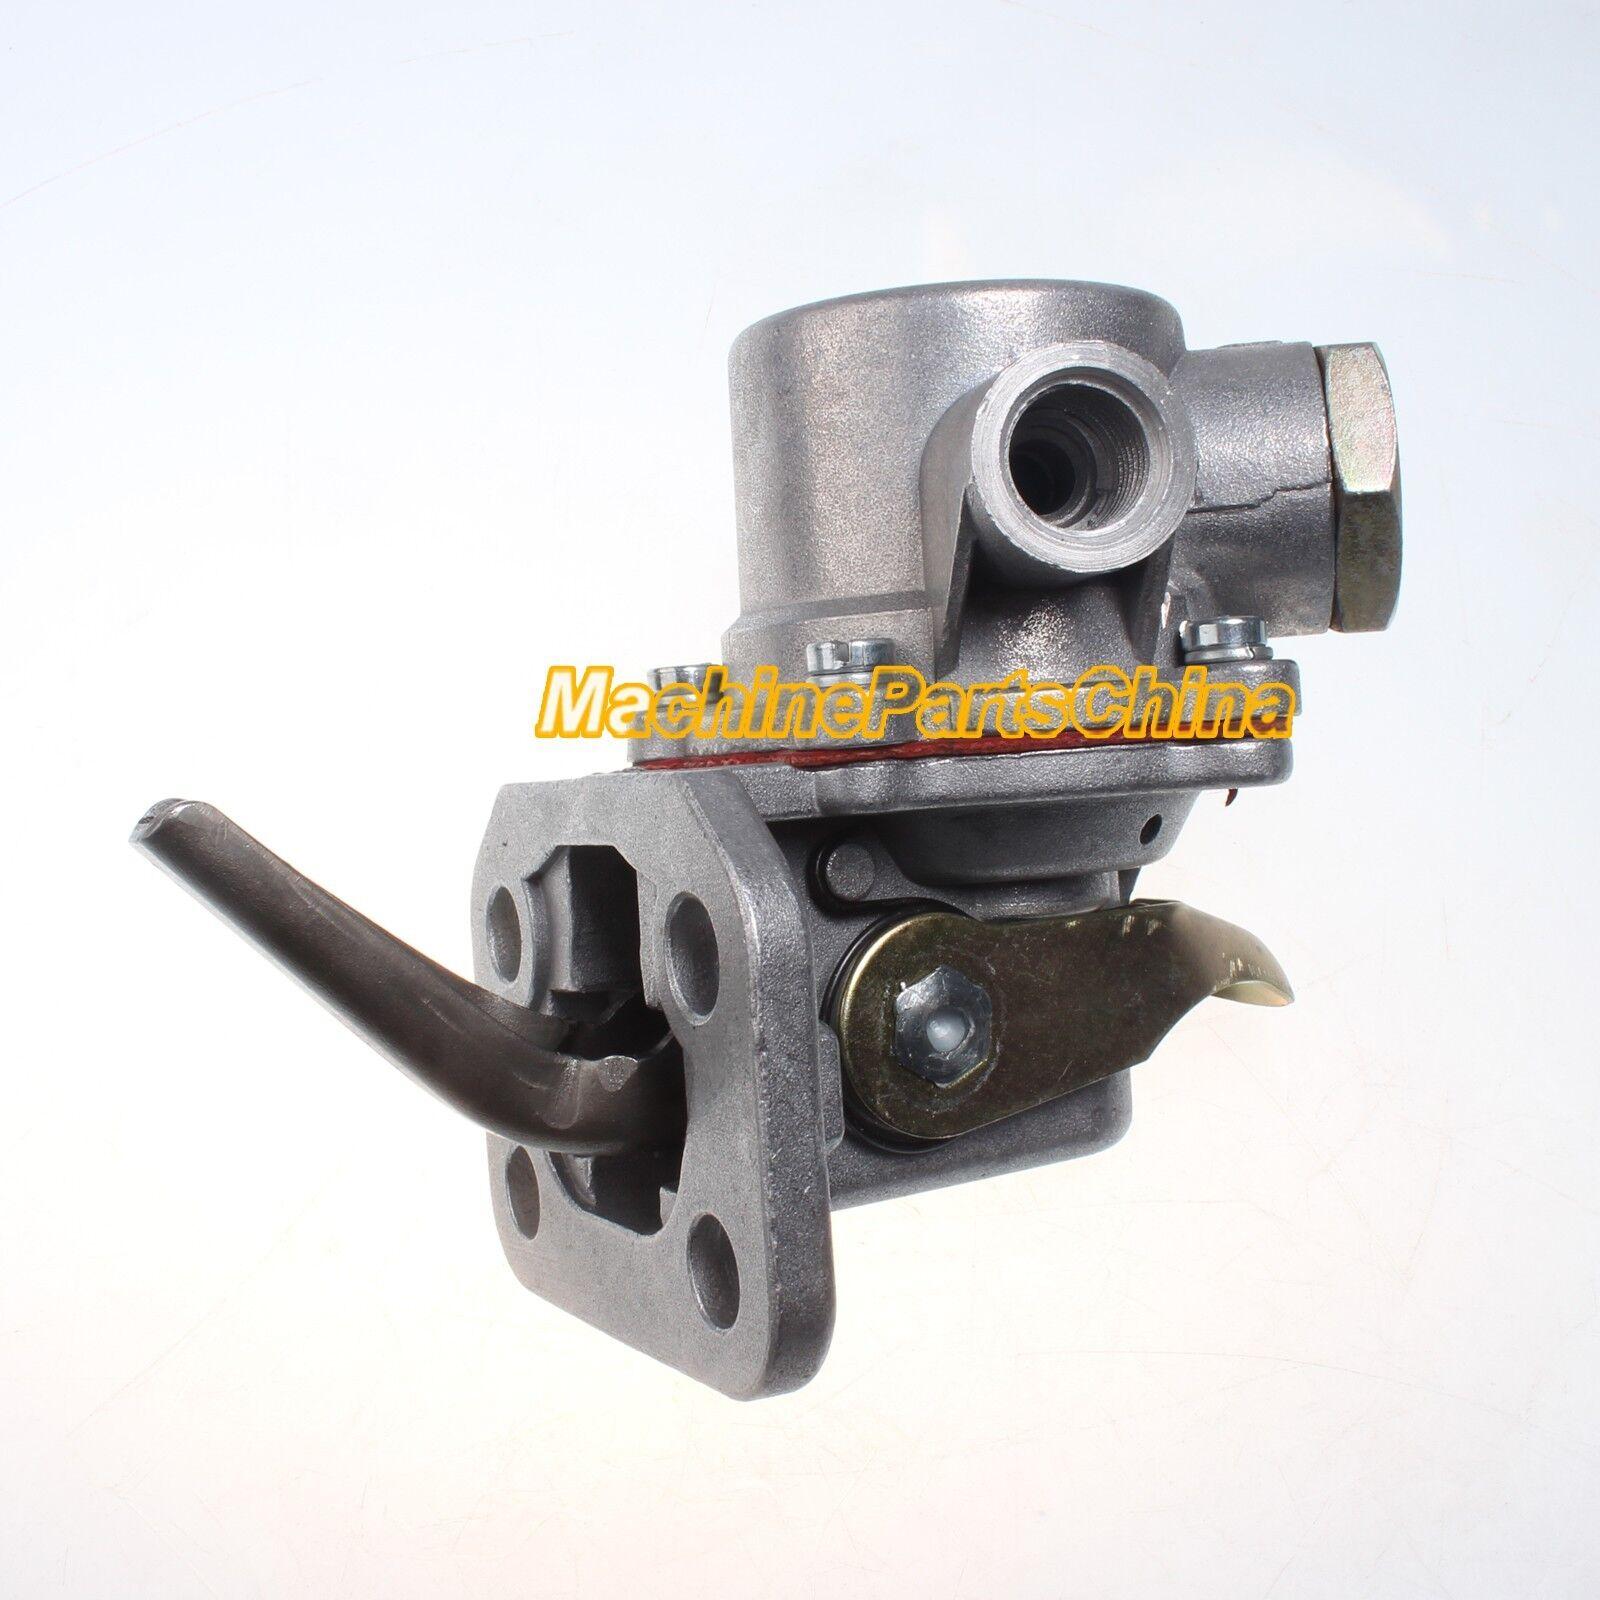 Fuel Lift Pump For JCB 1400B 1550B 1600B 1700B 214 215 216 217 Perkins Engine